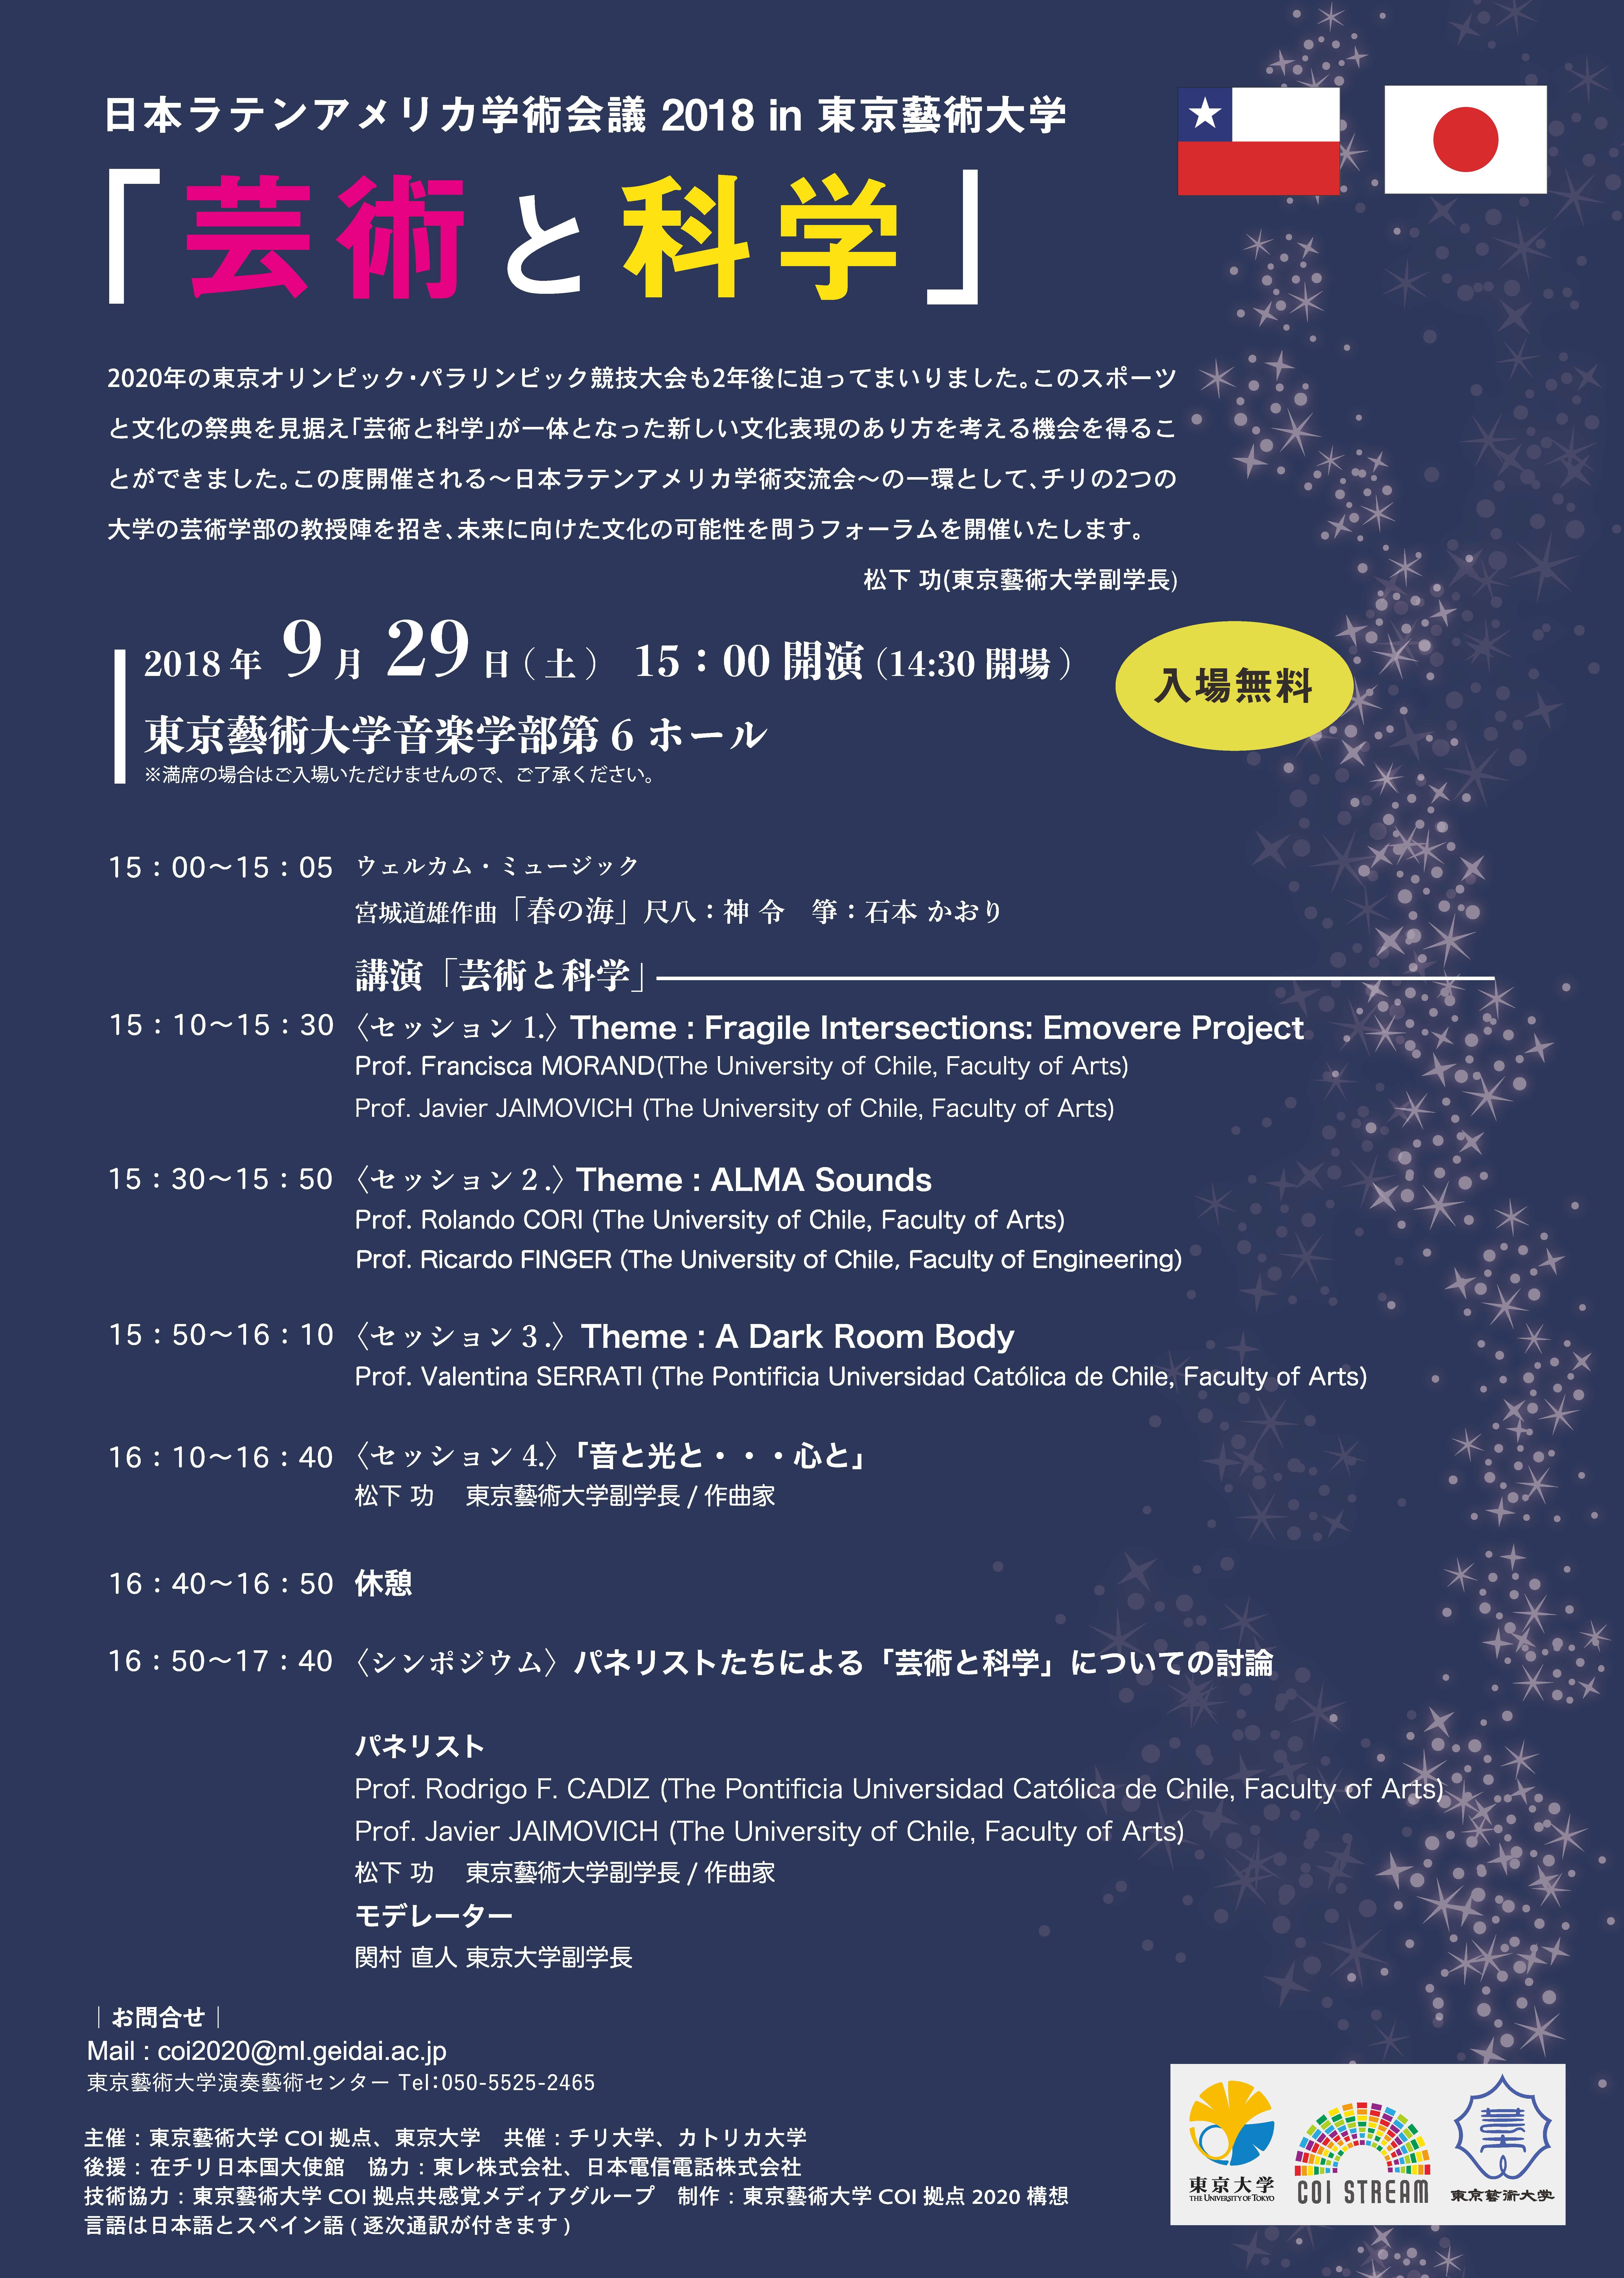 日本ラテンアメリカ学術会議2018 in東京藝術大学